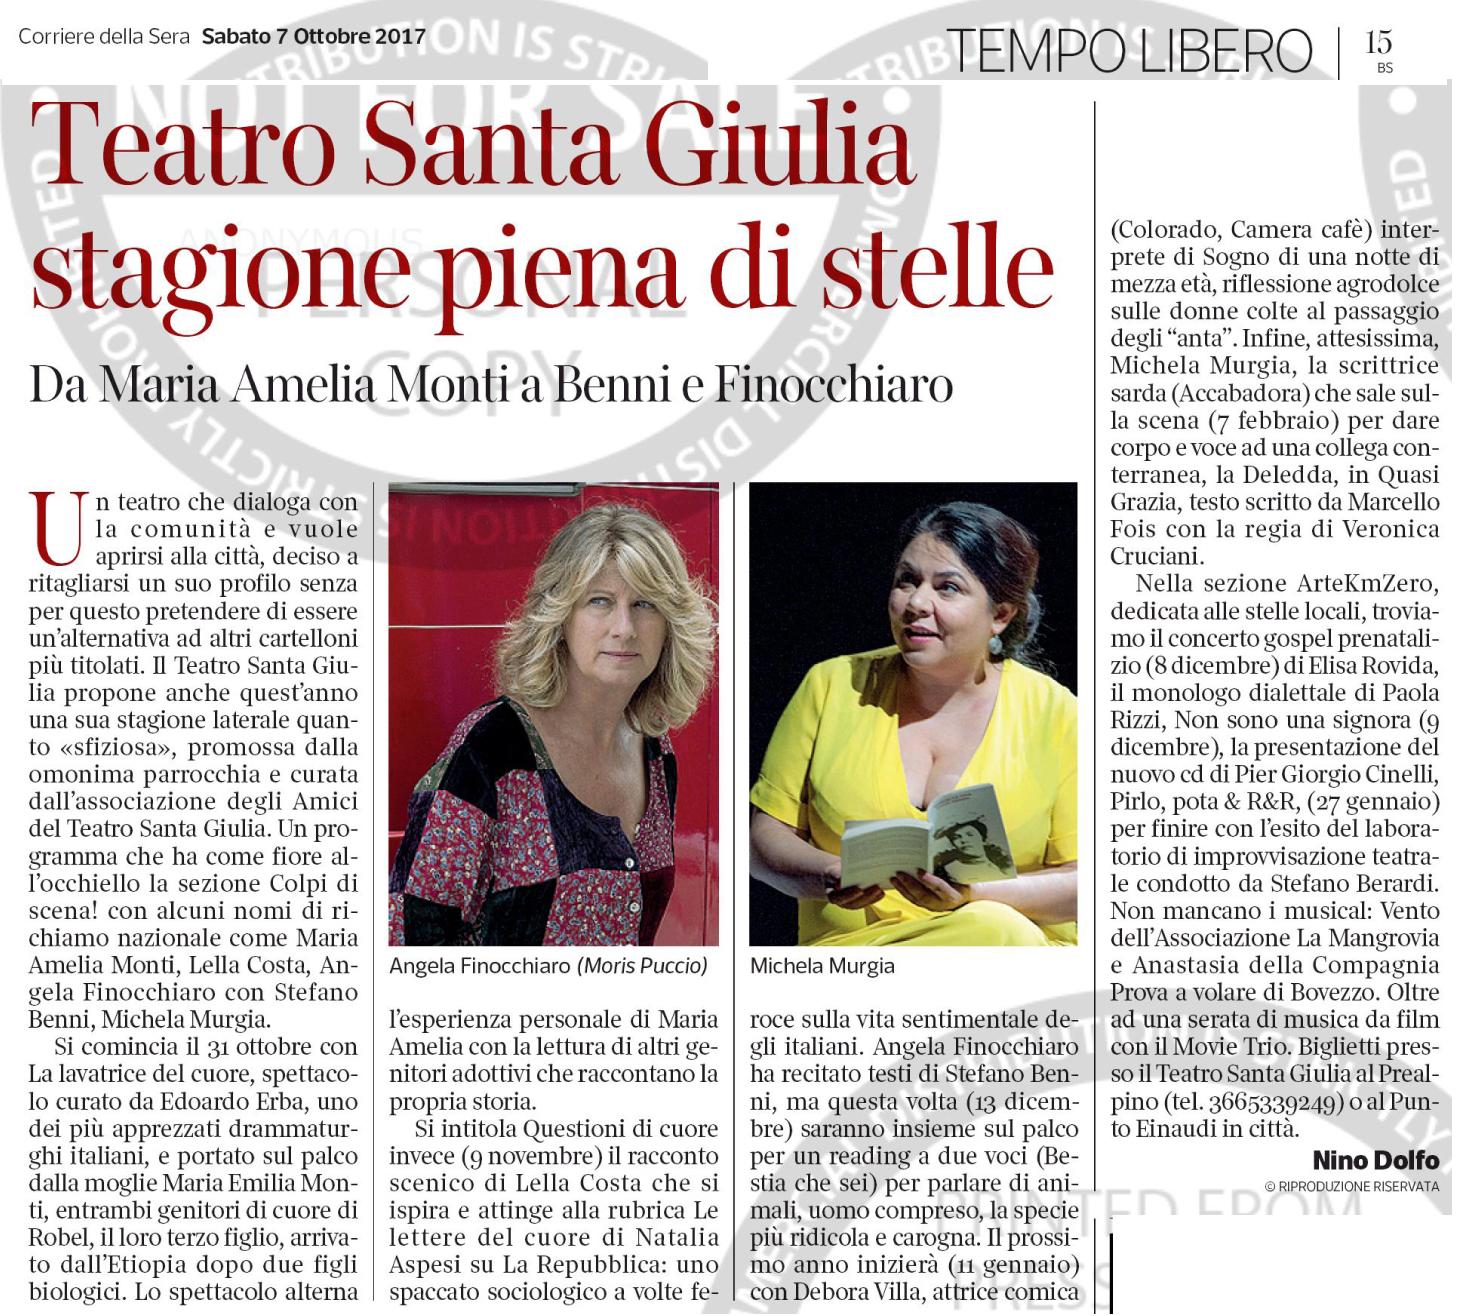 Corriere della Sera (Brescia) 7 ottobre 2017